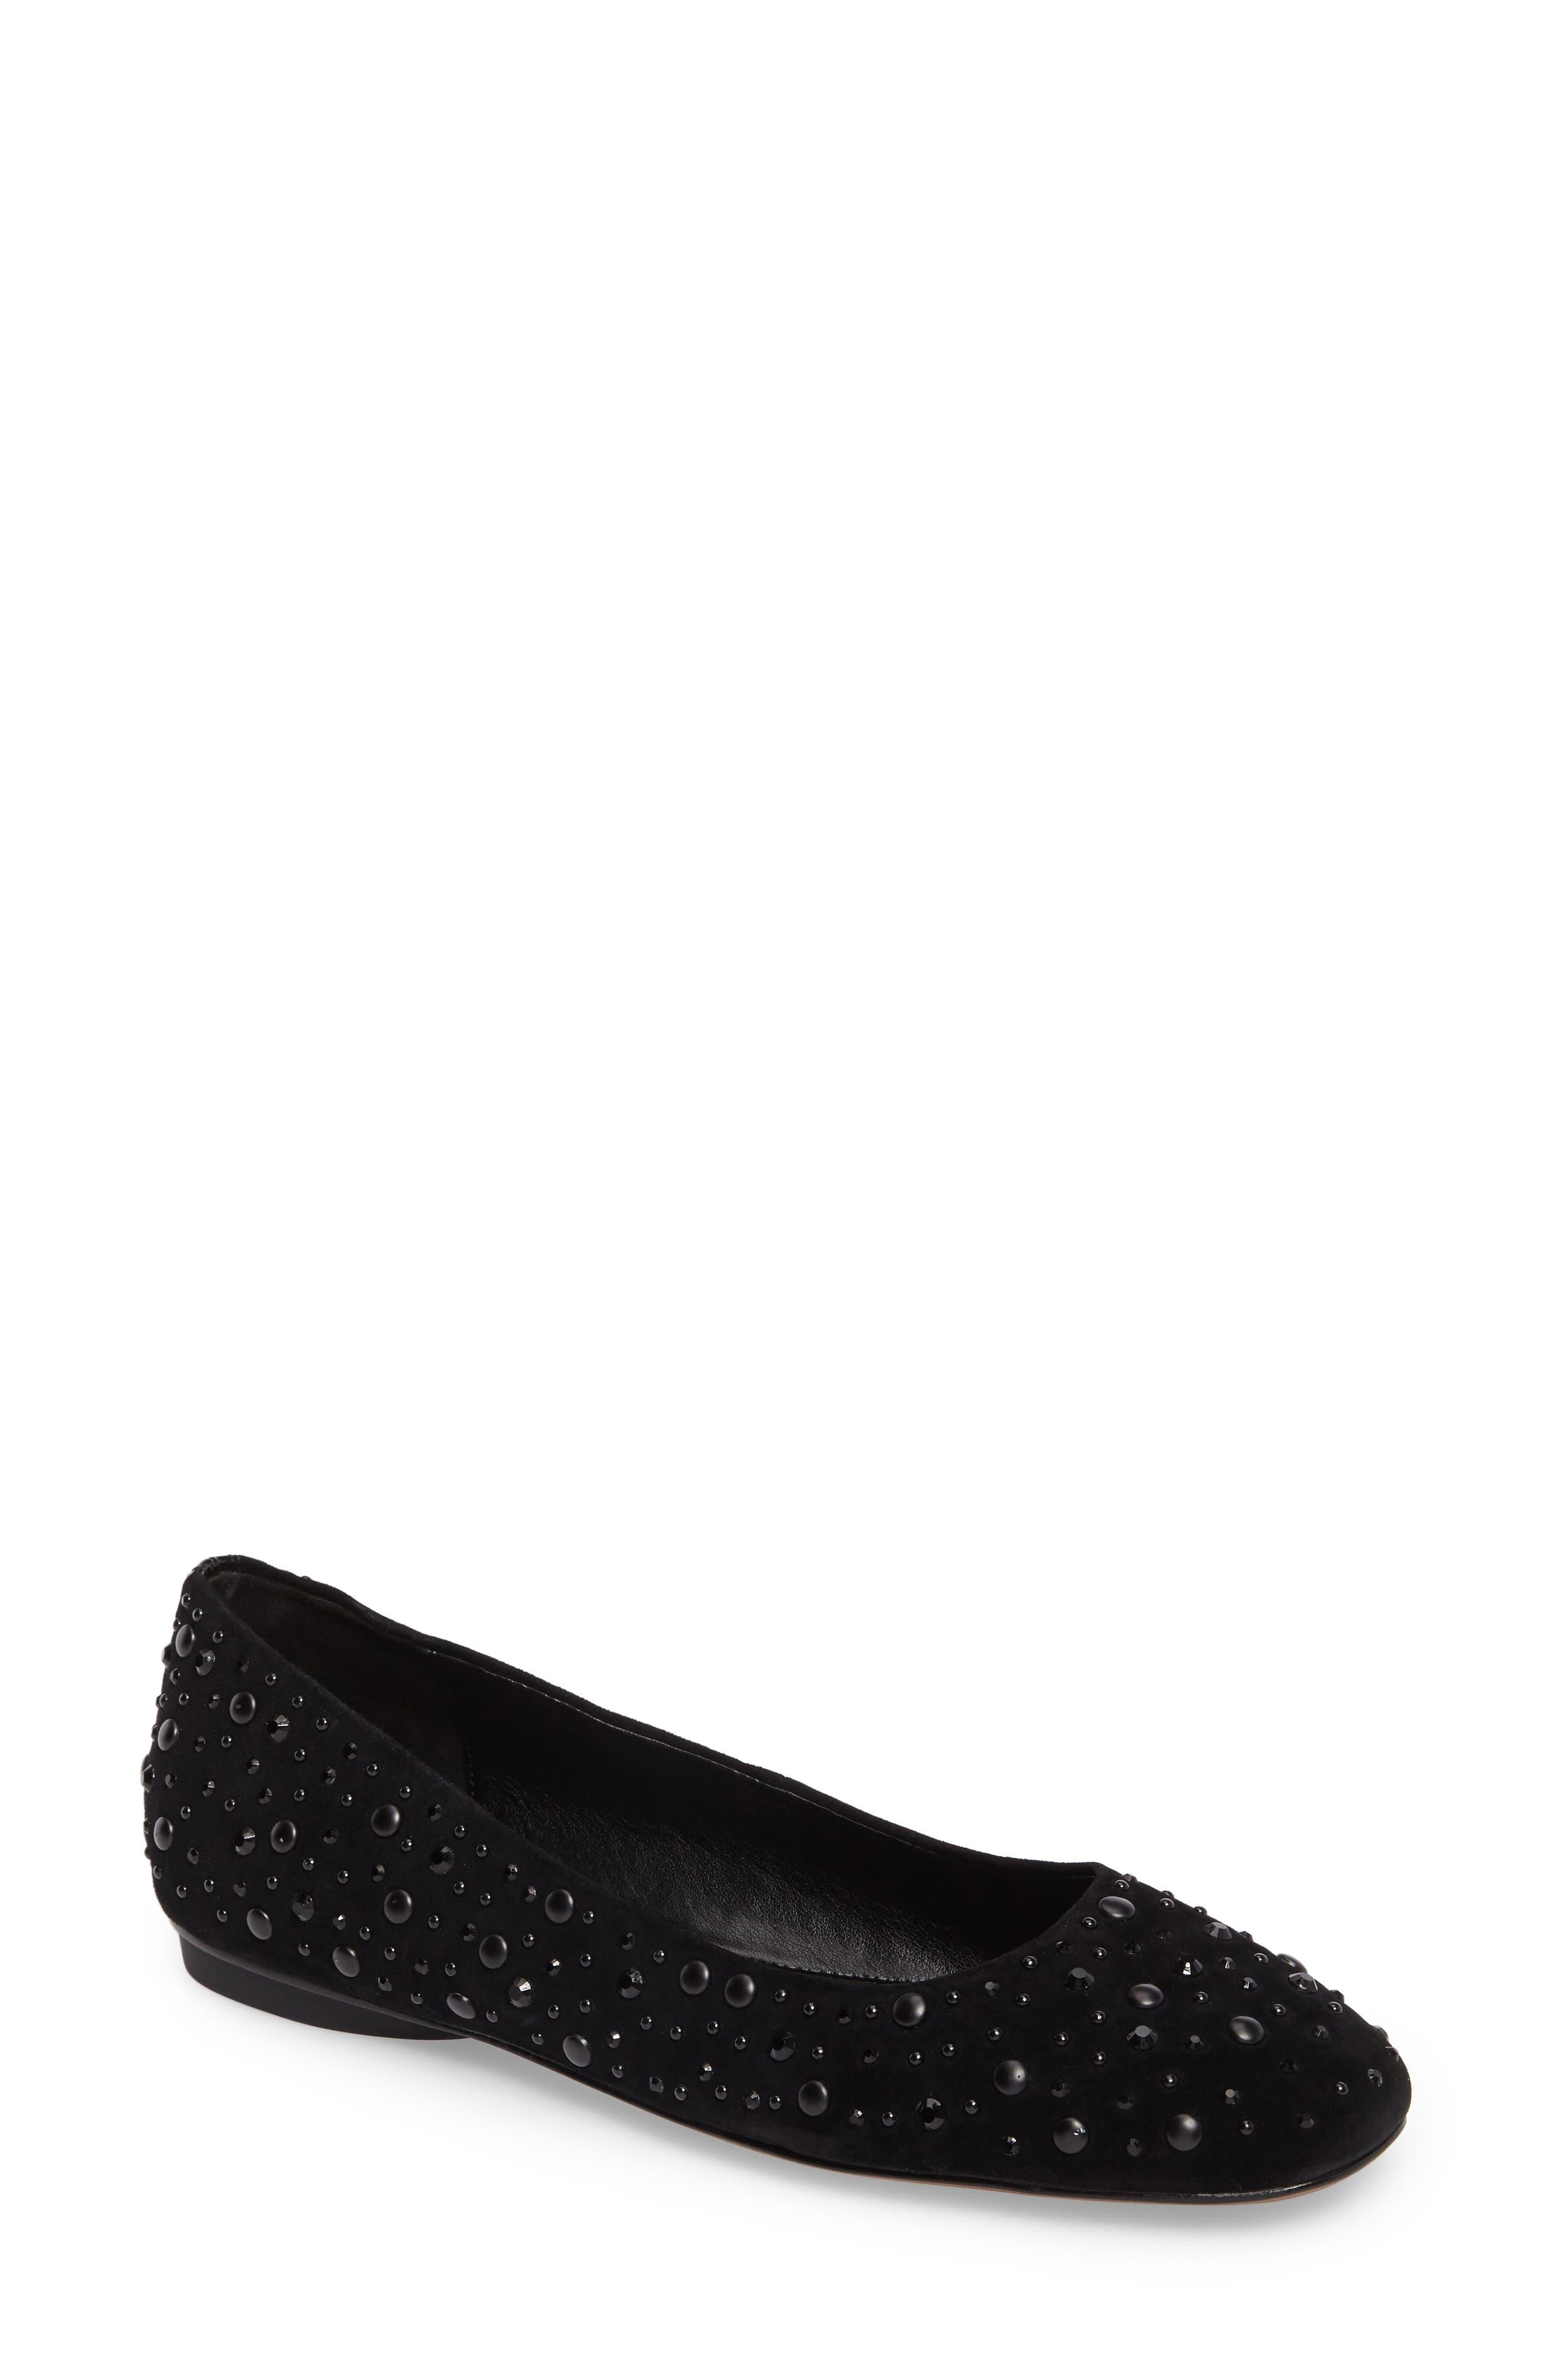 Dora Skimmer Flat,                         Main,                         color, Black Leather